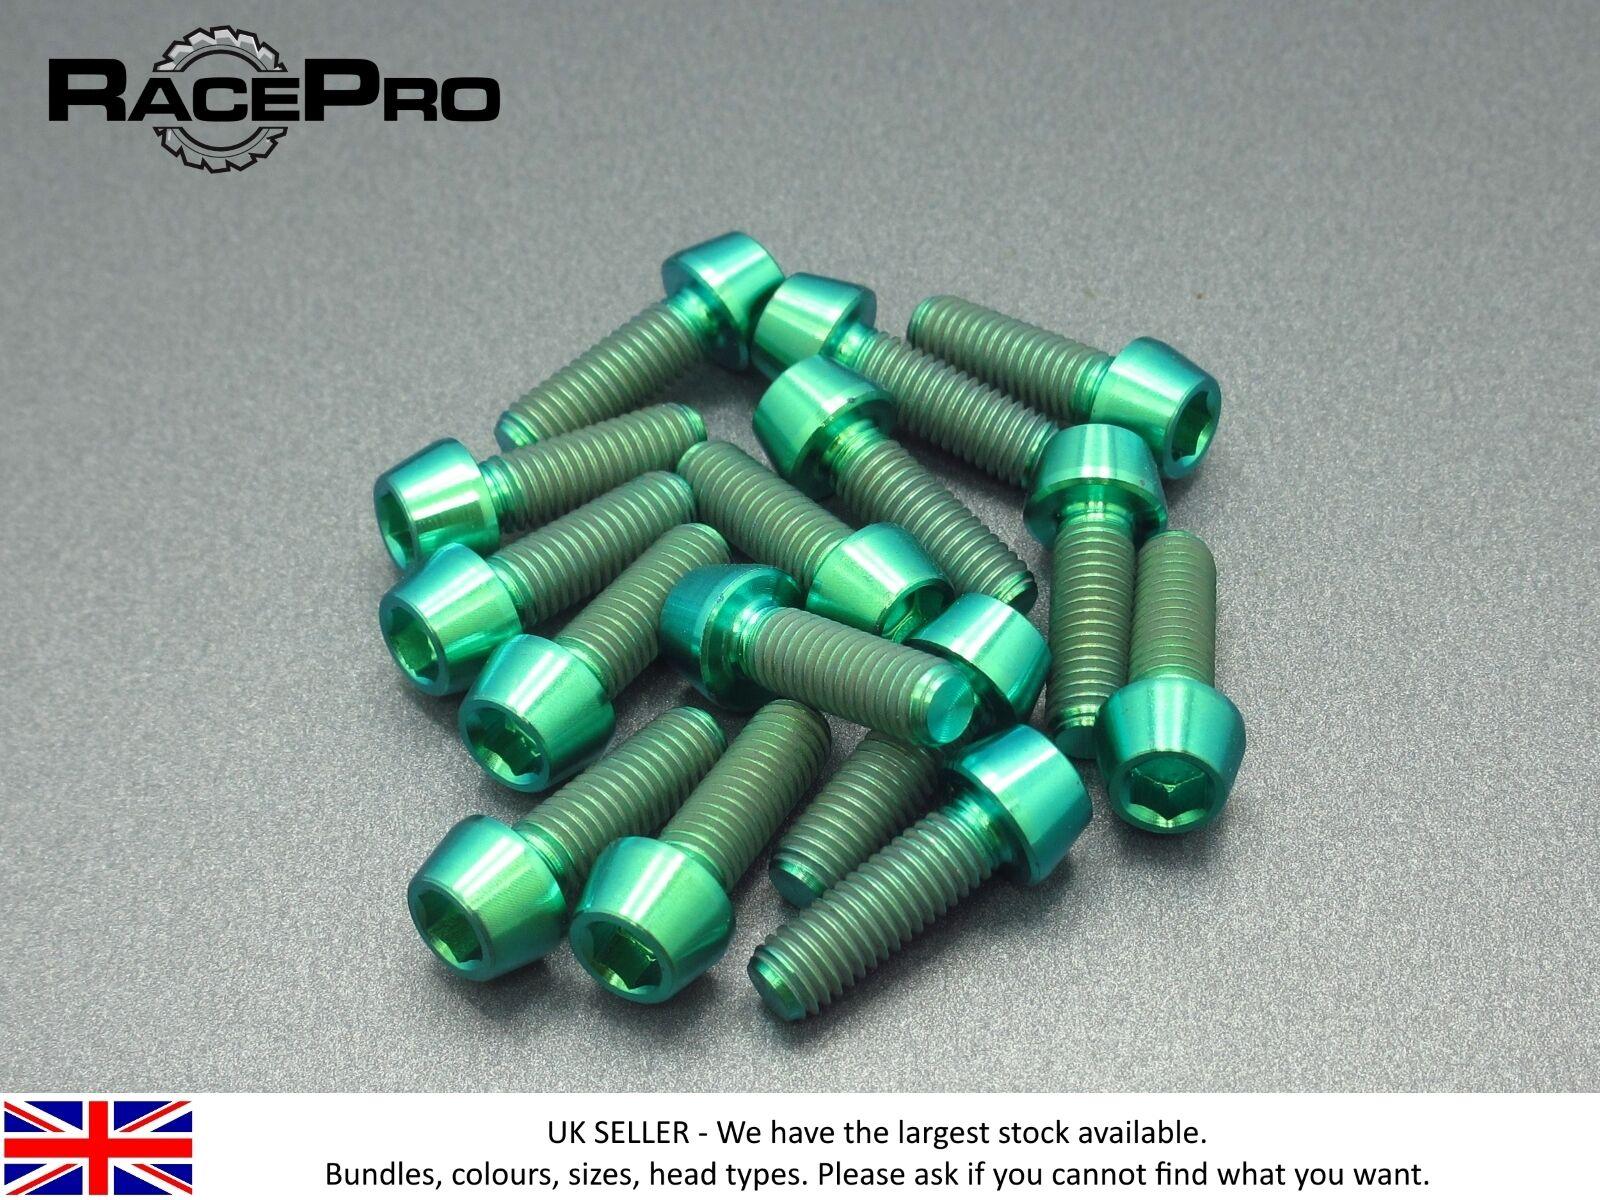 RacePro - 10x Titanium Tapered Bolt GR5 - M6 x 20mm x 1mm - Allen Head - Green